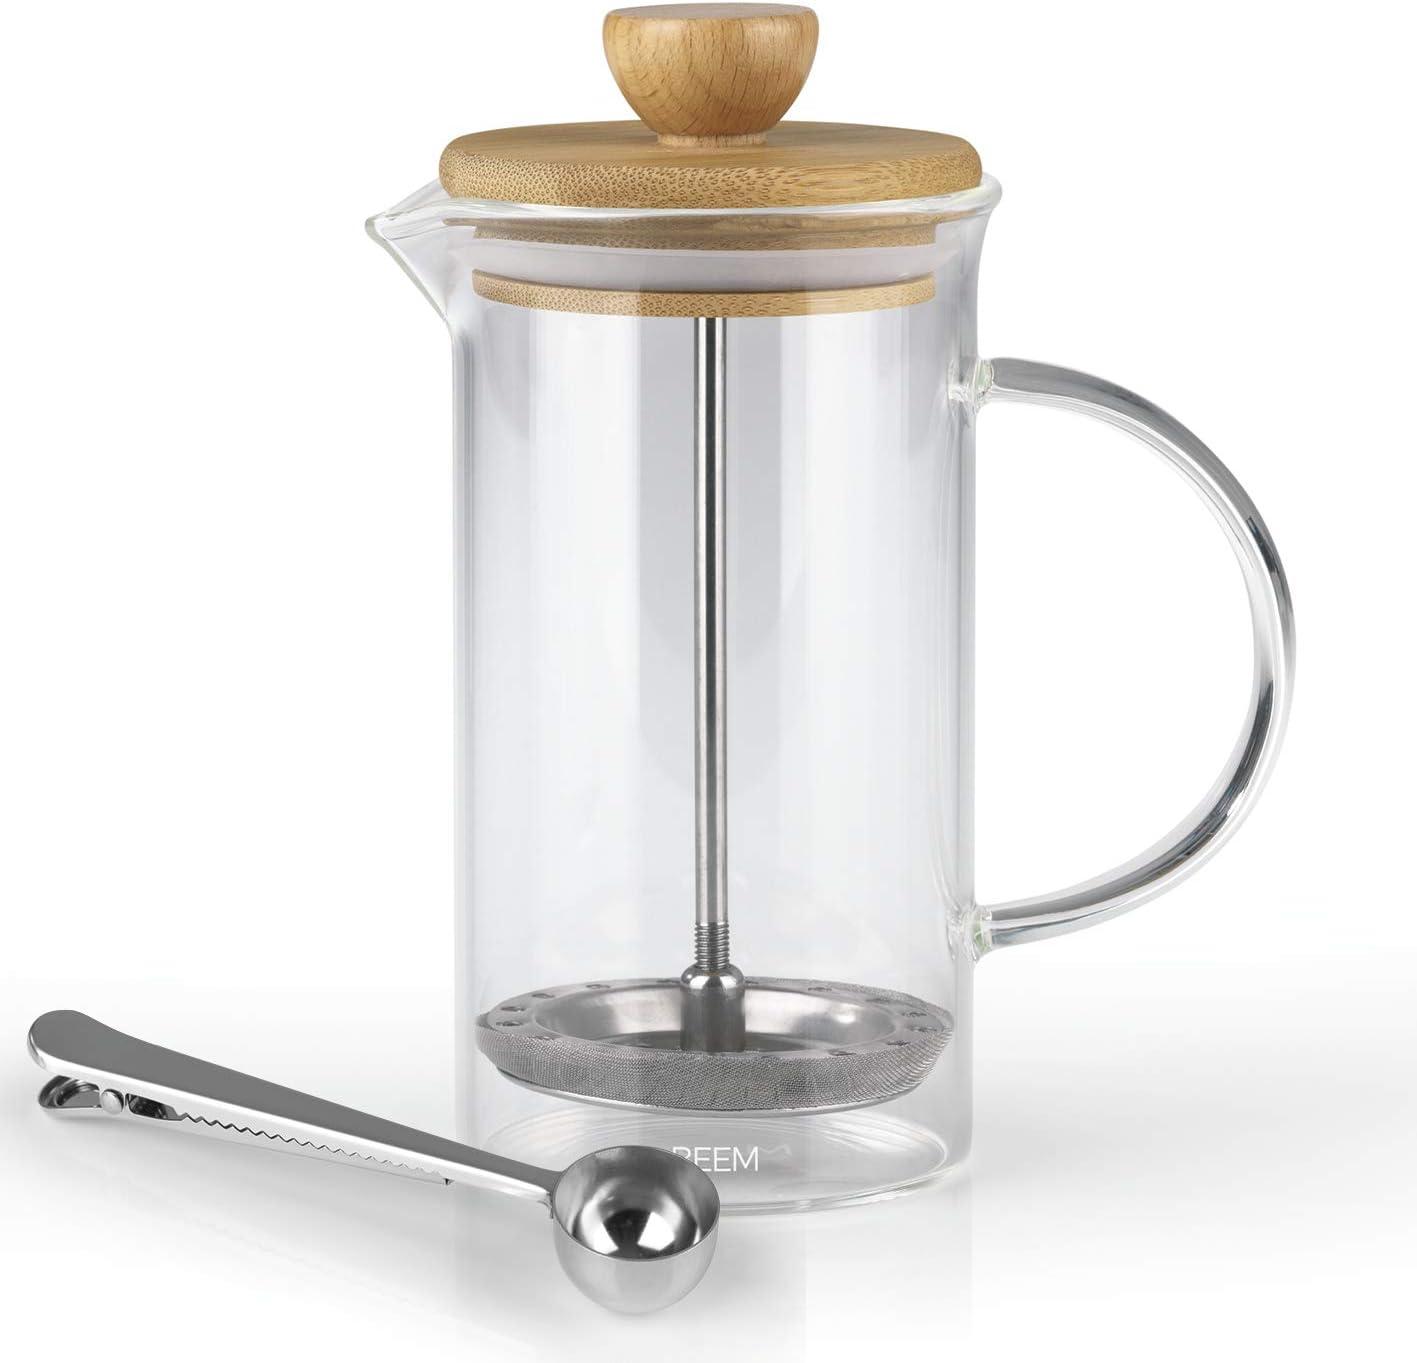 BEEM - Cafetera de émbolo, prensa de café, 0,35 L o 1 L a elegir ...